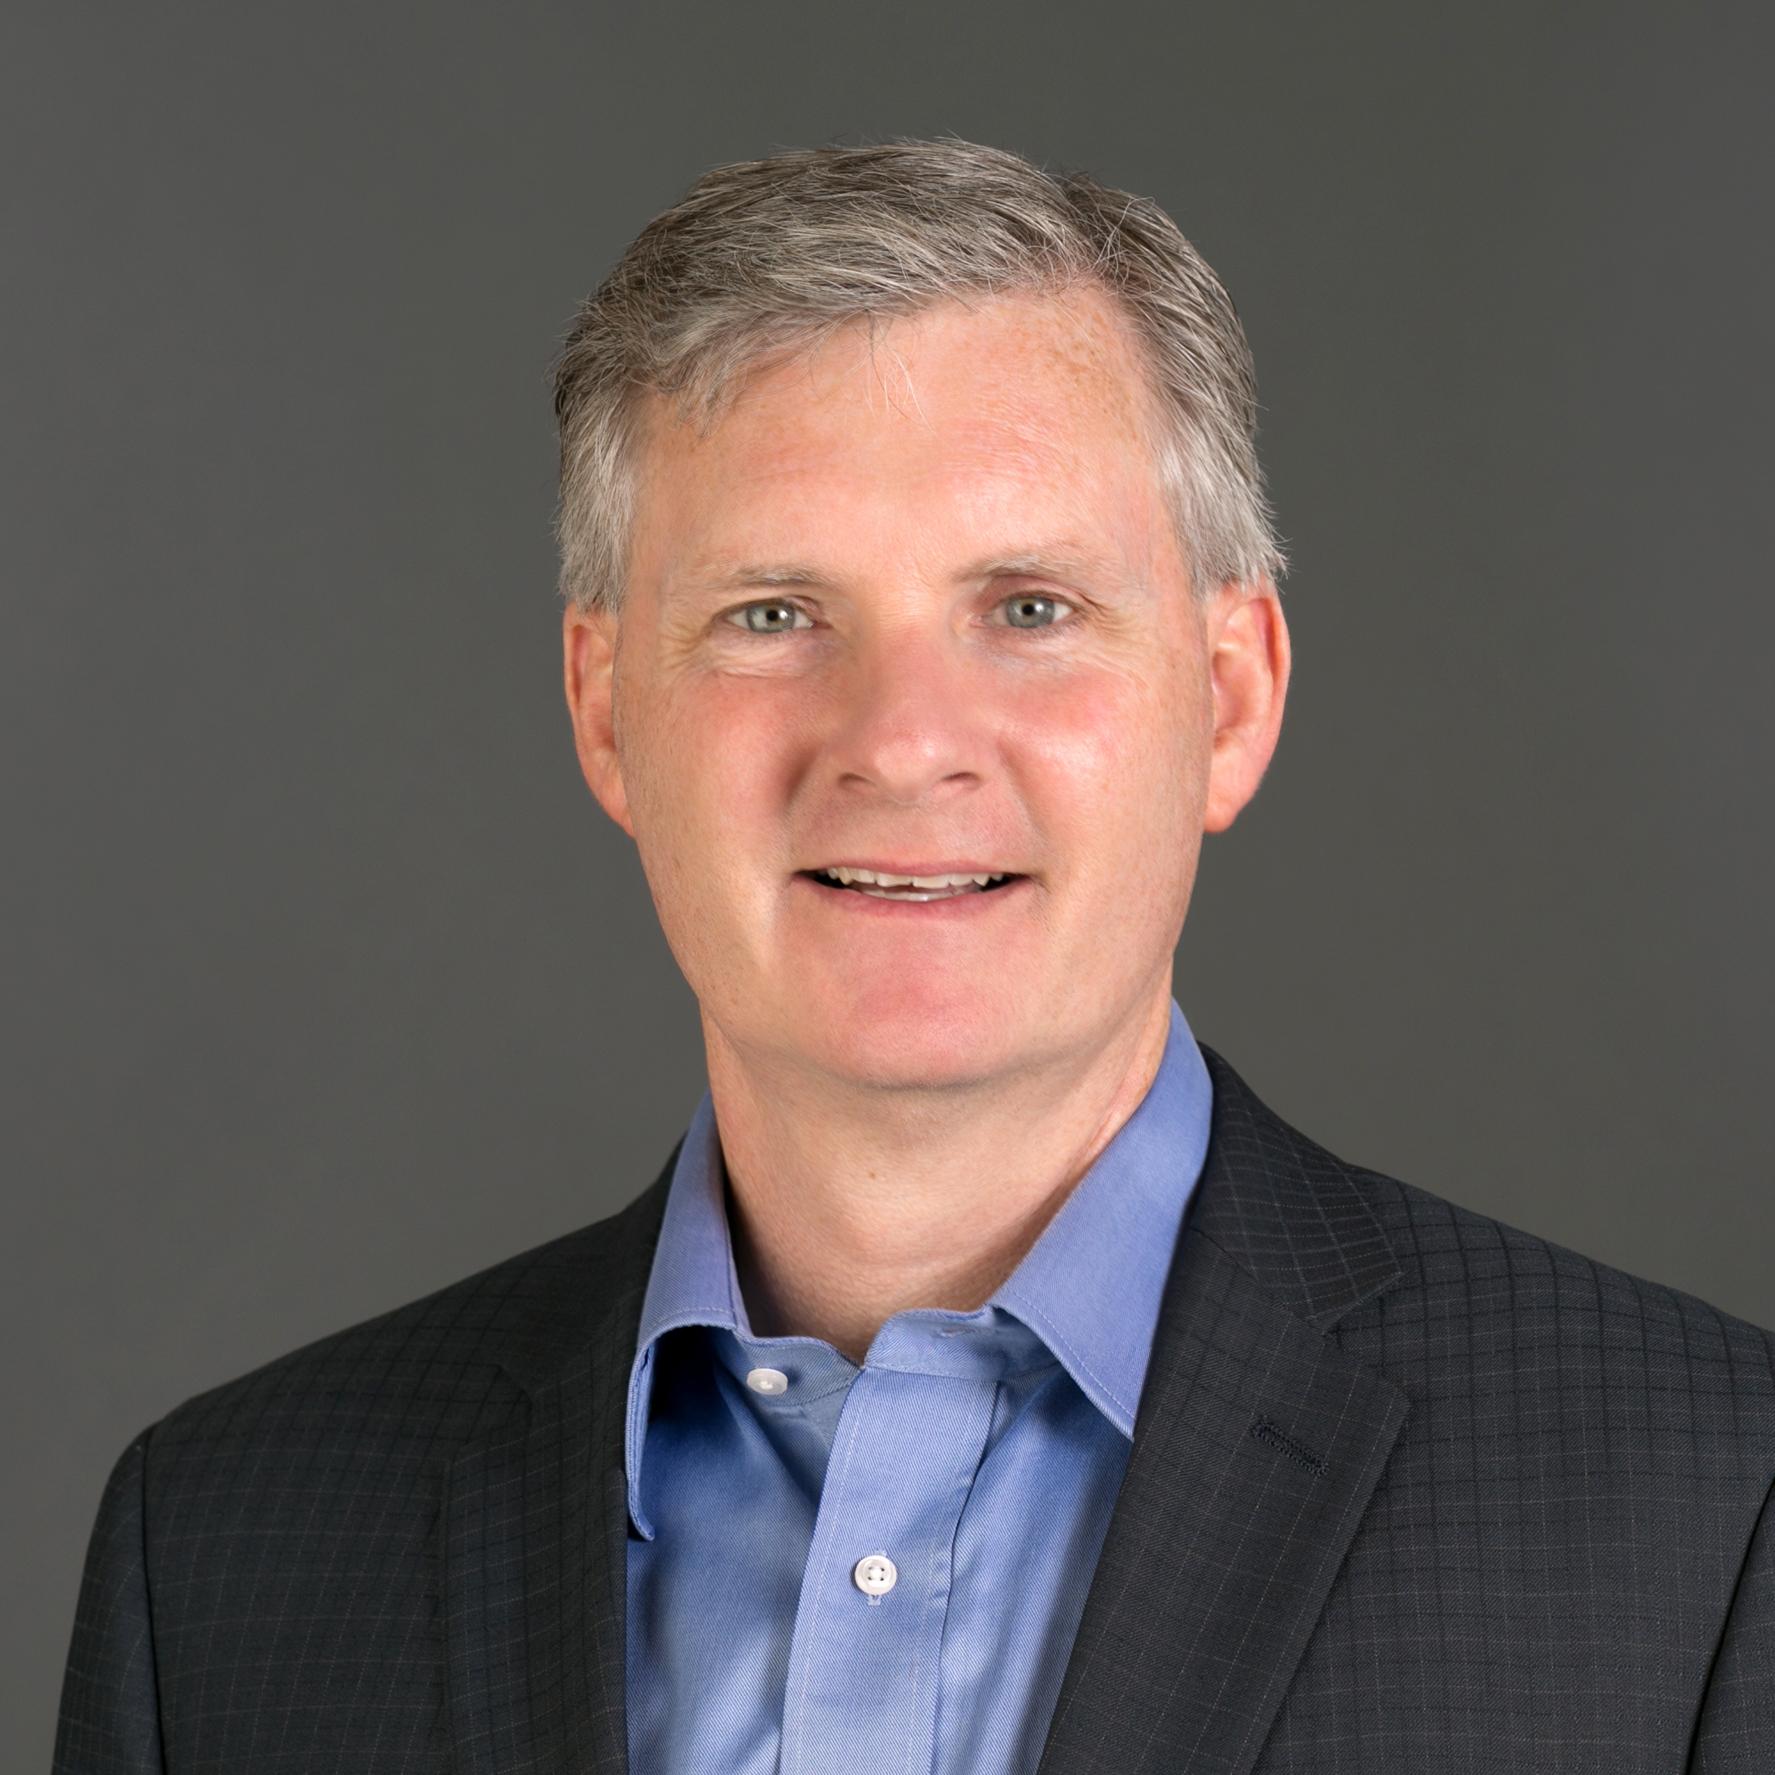 Peter Guilfoyle, CEO, Northwest Analytics